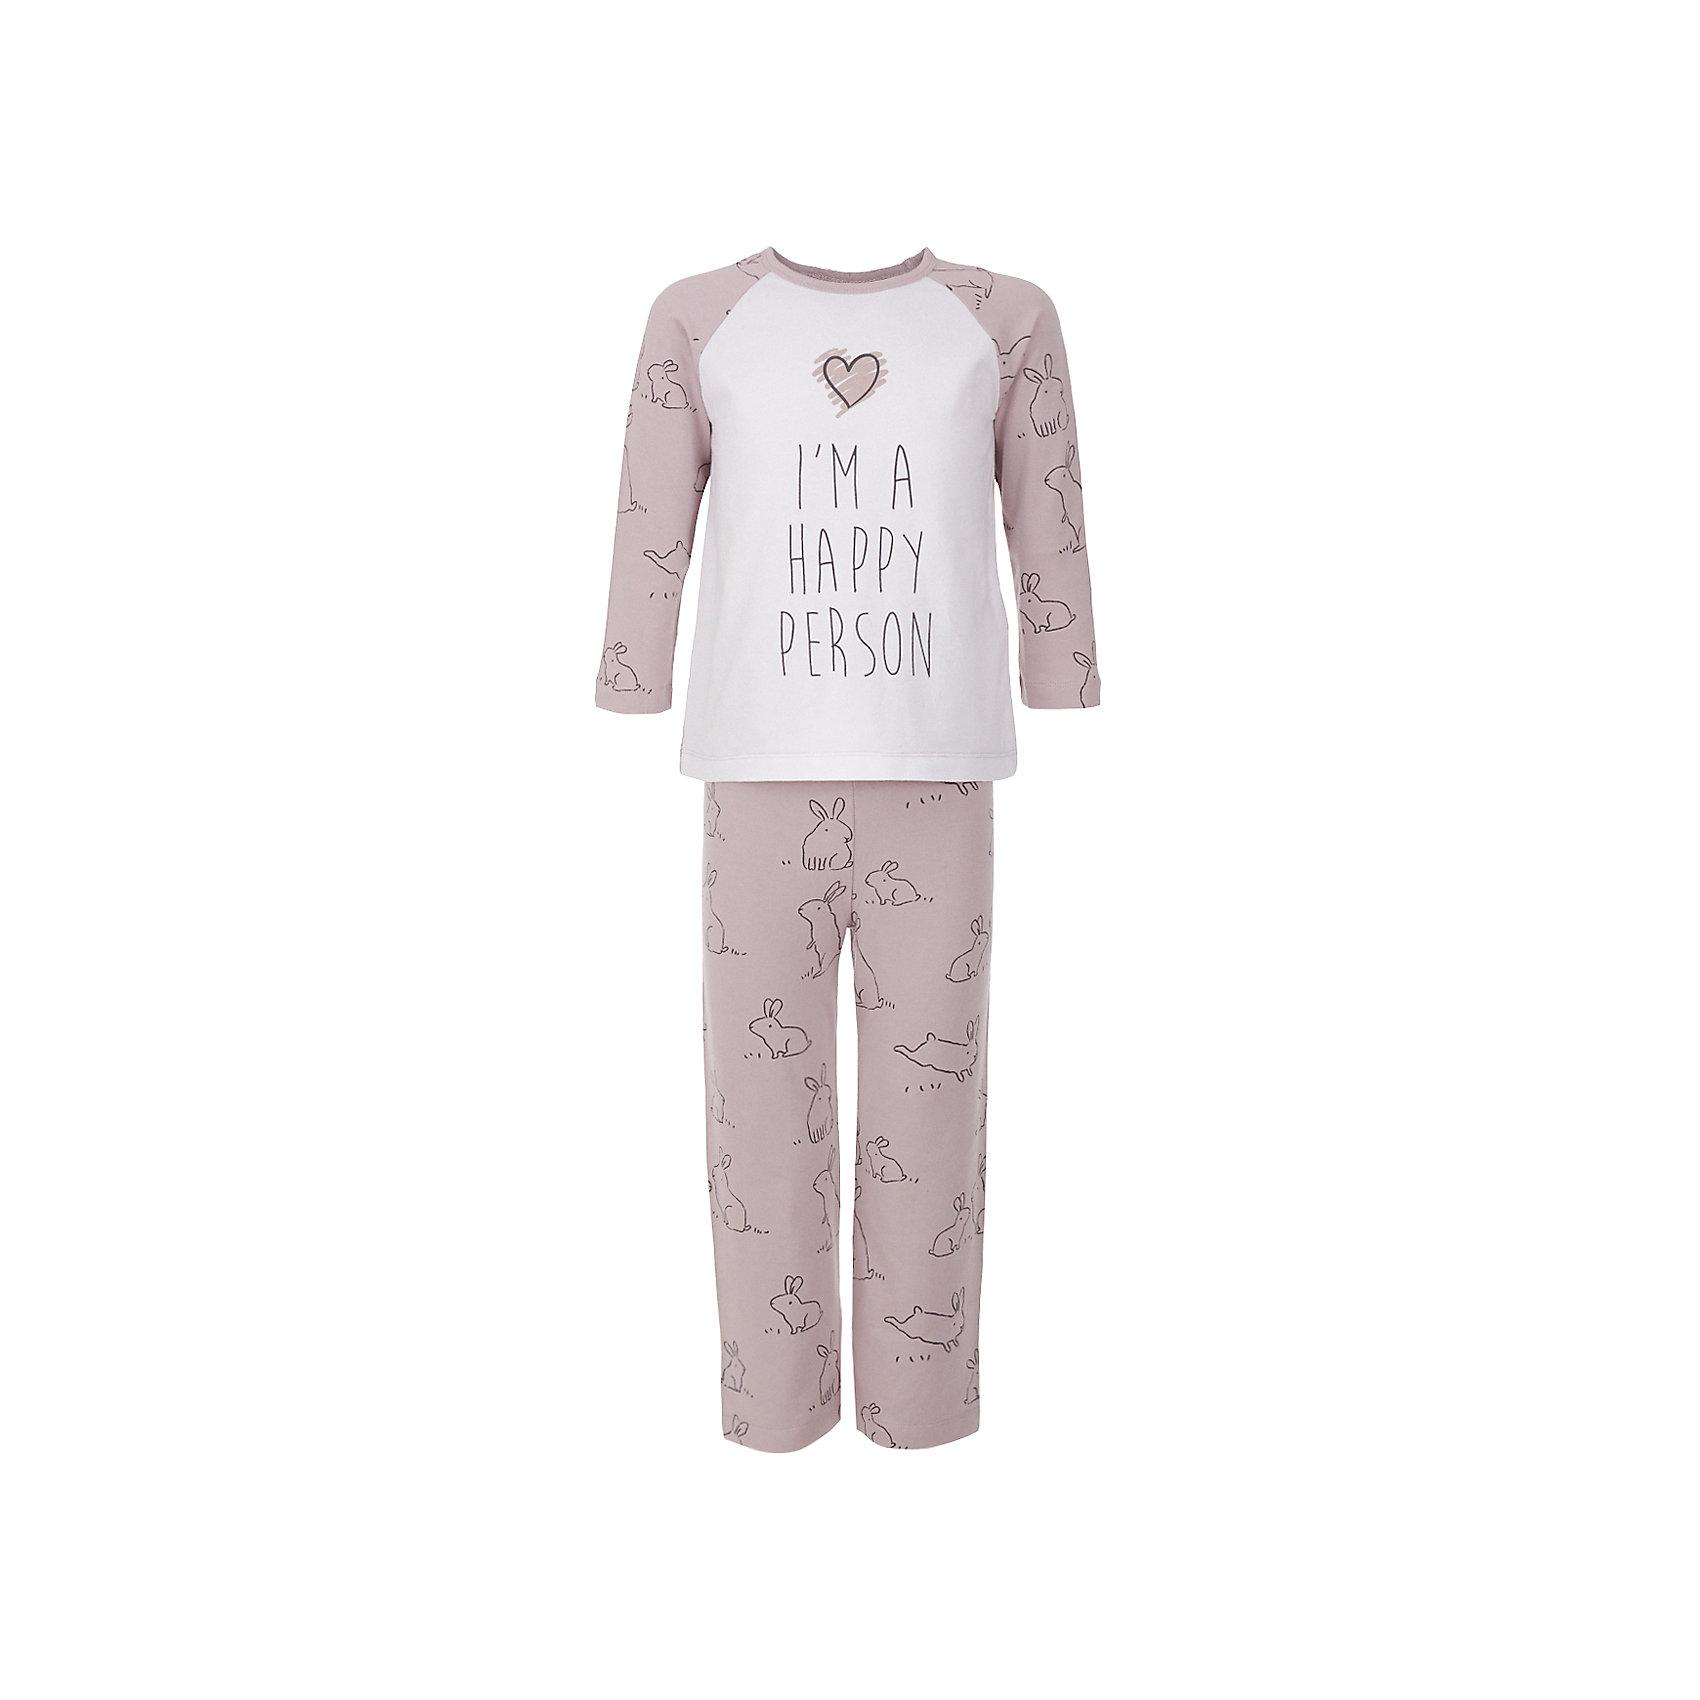 Пижама BUTTON BLUE для девочкиПижамы и сорочки<br>Пижама BUTTON BLUE для девочки<br>Уютная пижама с длинным рукавом - прекрасный комплект для комфортного сна и добрых сновидений. Если вы хотите сформировать бельевой гардероб ребенка из качественных, комфортных, приятных к телу вещей, вам стоит купить пижаму от Button Blue. Все трикотажные пижамы для девочек украшает крупный интересный  принт.<br>Состав:<br>95% хлопок           5% эластан<br><br>Ширина мм: 281<br>Глубина мм: 70<br>Высота мм: 188<br>Вес г: 295<br>Цвет: розовый<br>Возраст от месяцев: 132<br>Возраст до месяцев: 144<br>Пол: Женский<br>Возраст: Детский<br>Размер: 152,98,104,116,128,140<br>SKU: 7039306